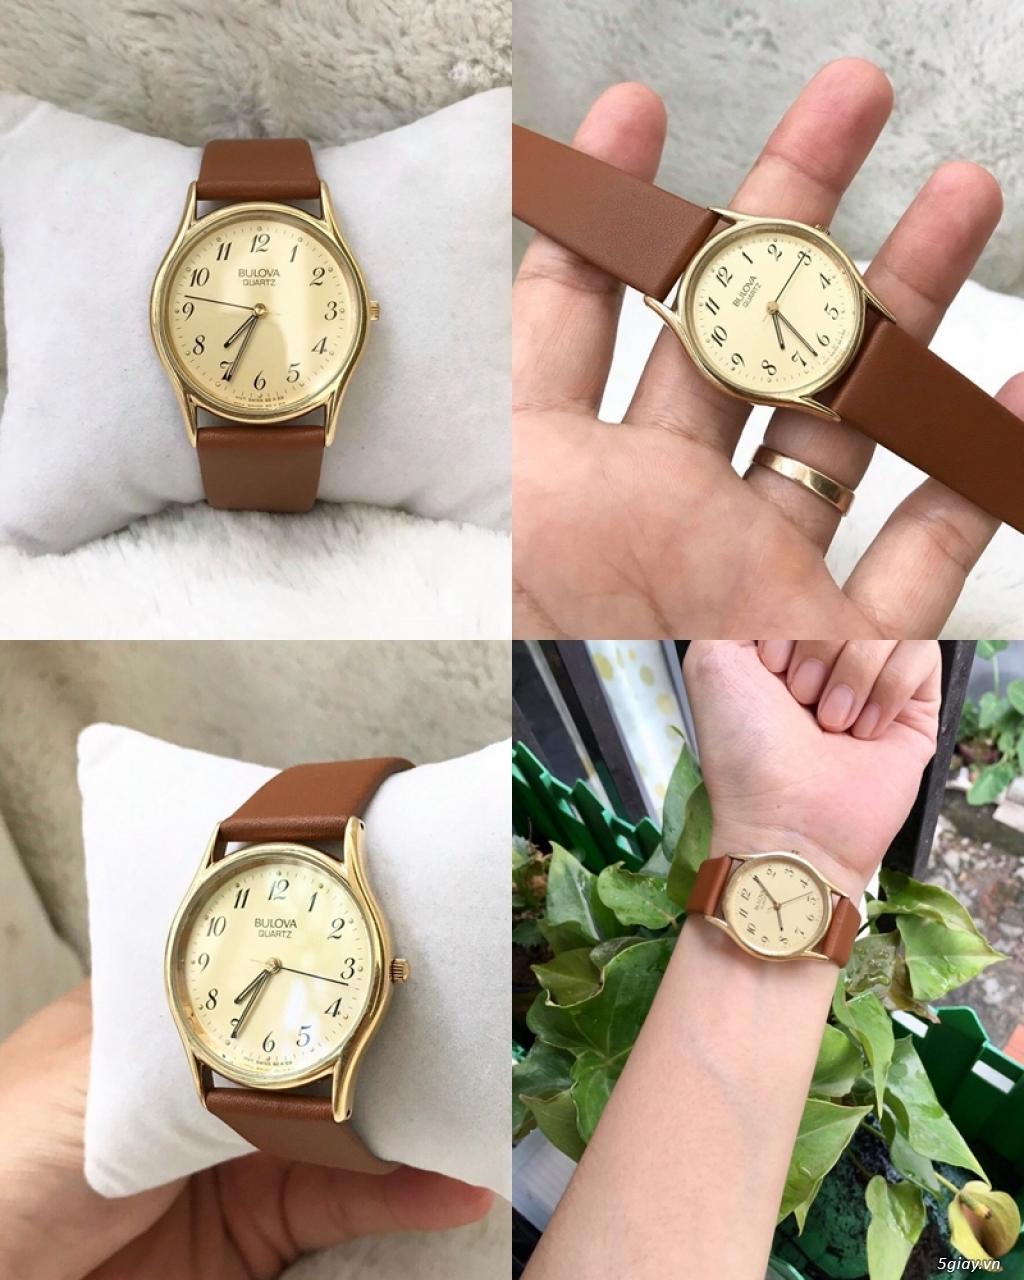 Kho đồng hồ xách tay chính hãng secondhand update liên tục - 36